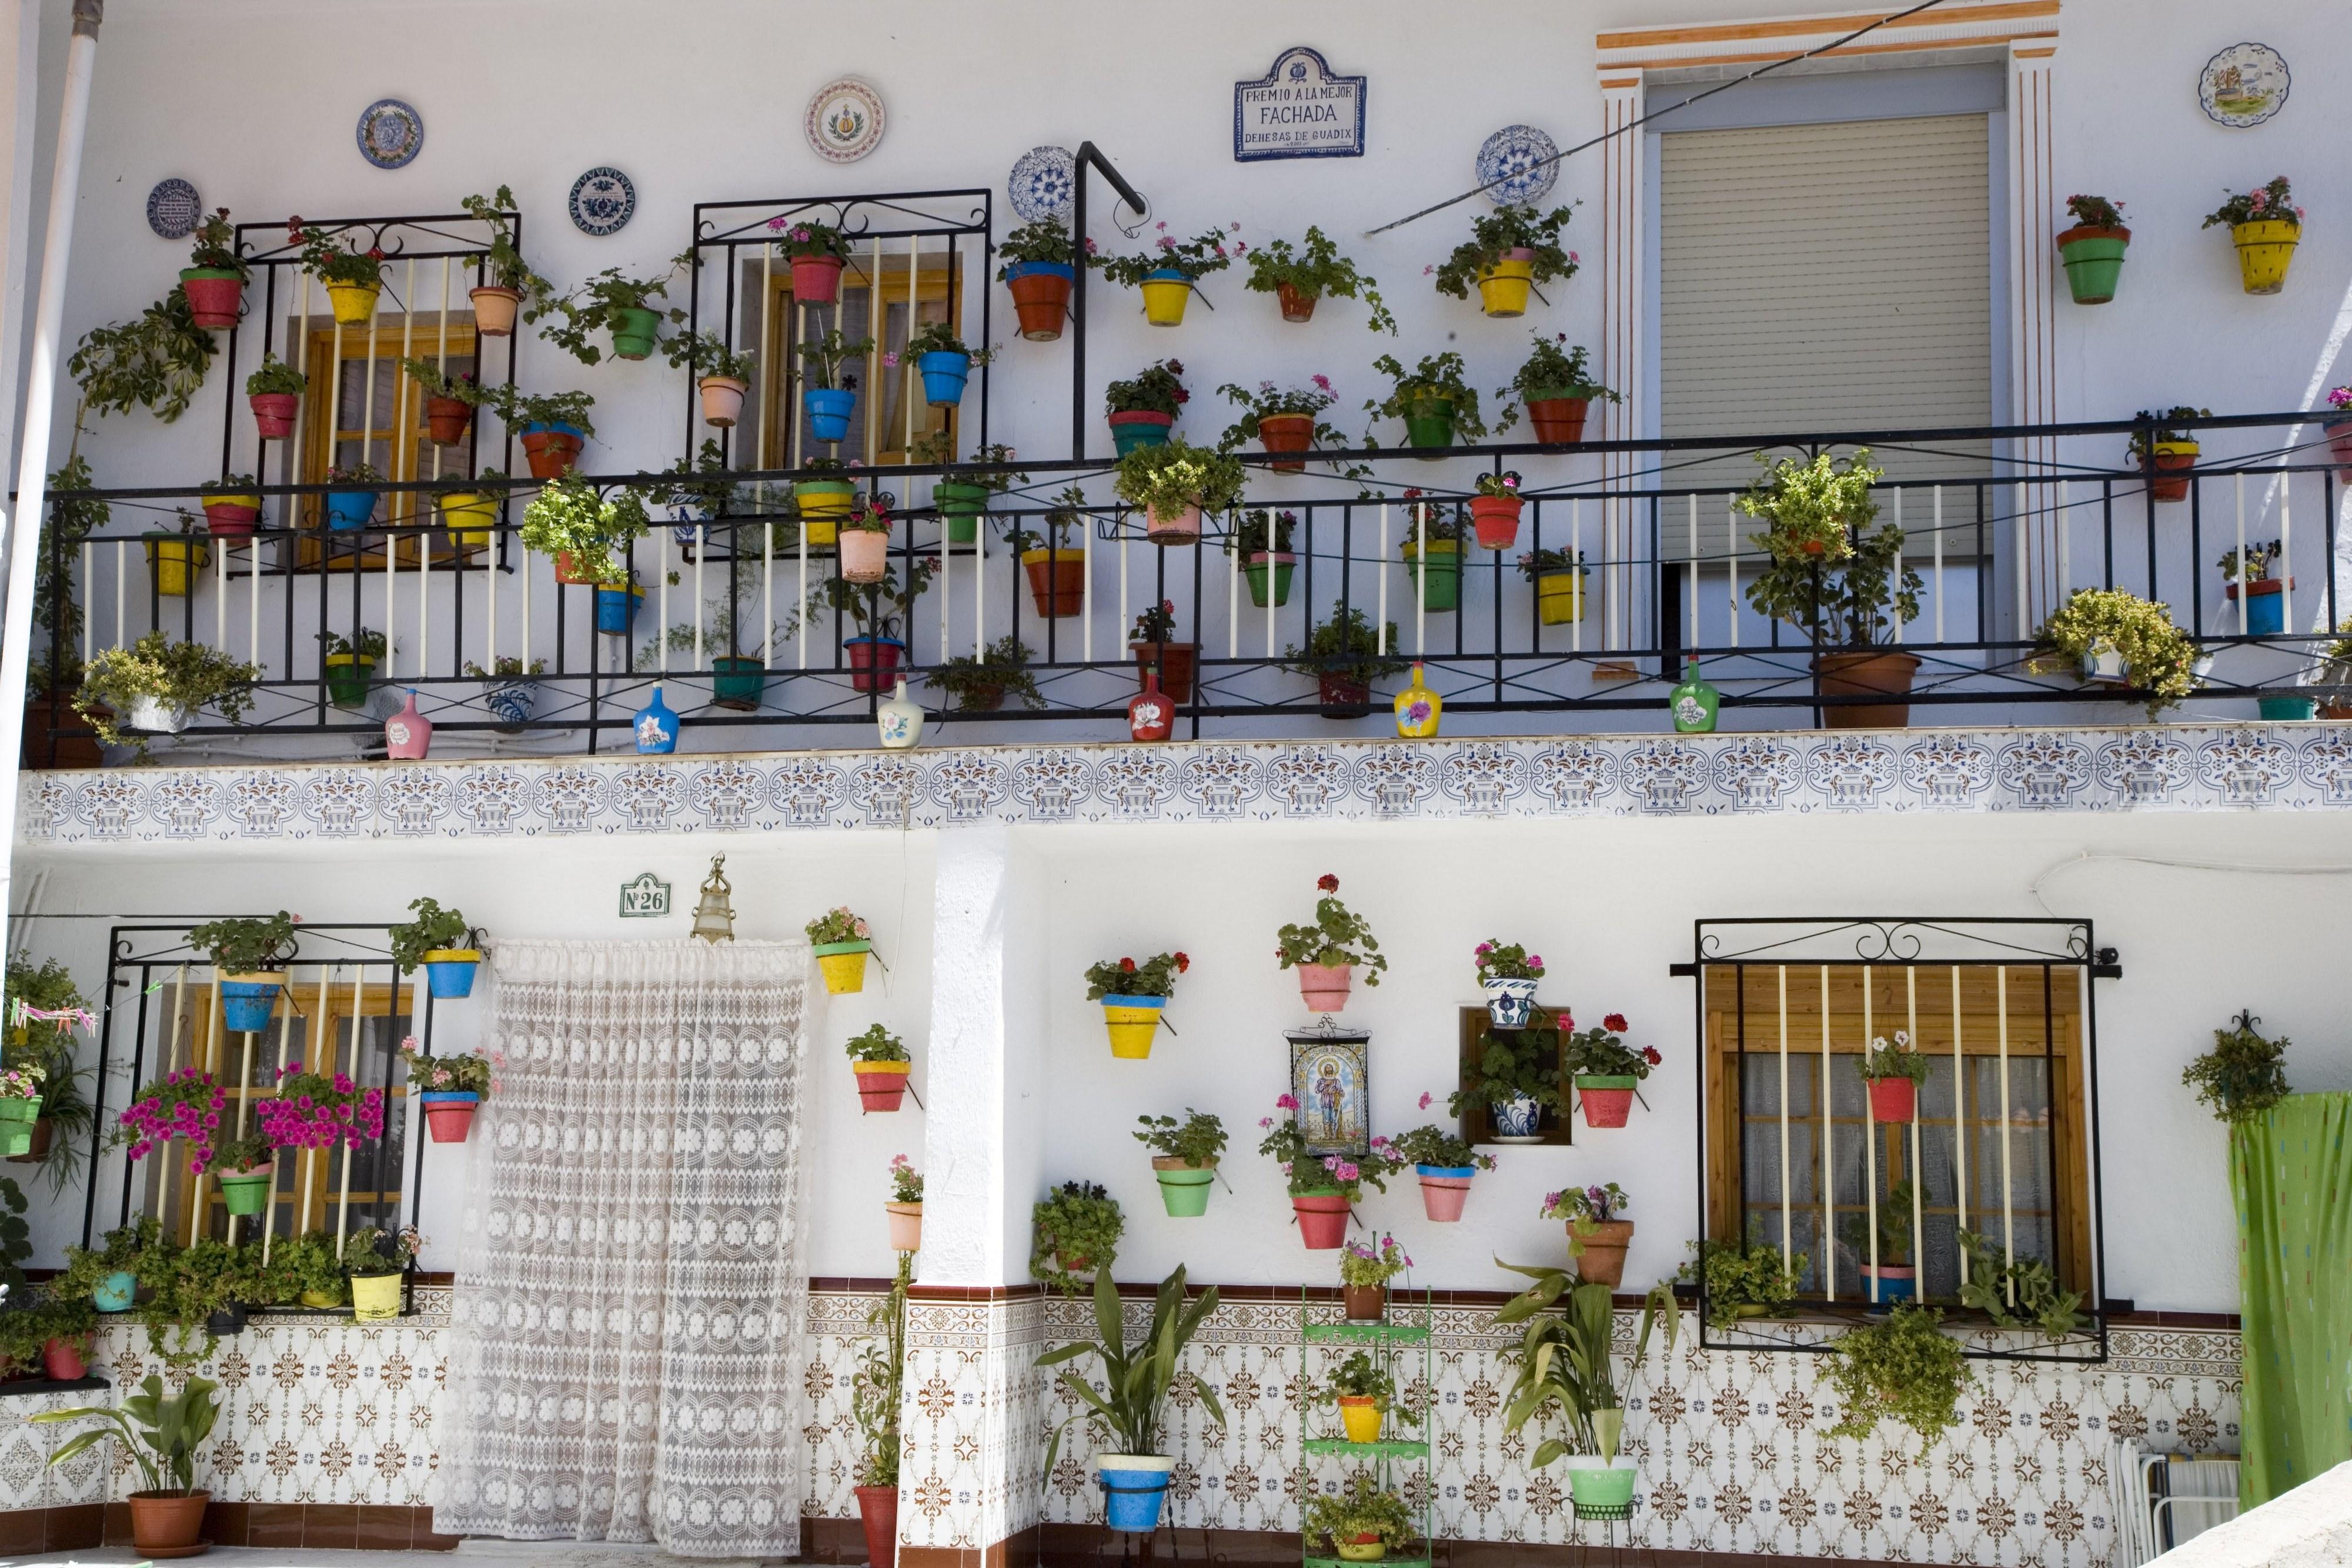 Un des murs de fleurs des ruelles de Cordoue